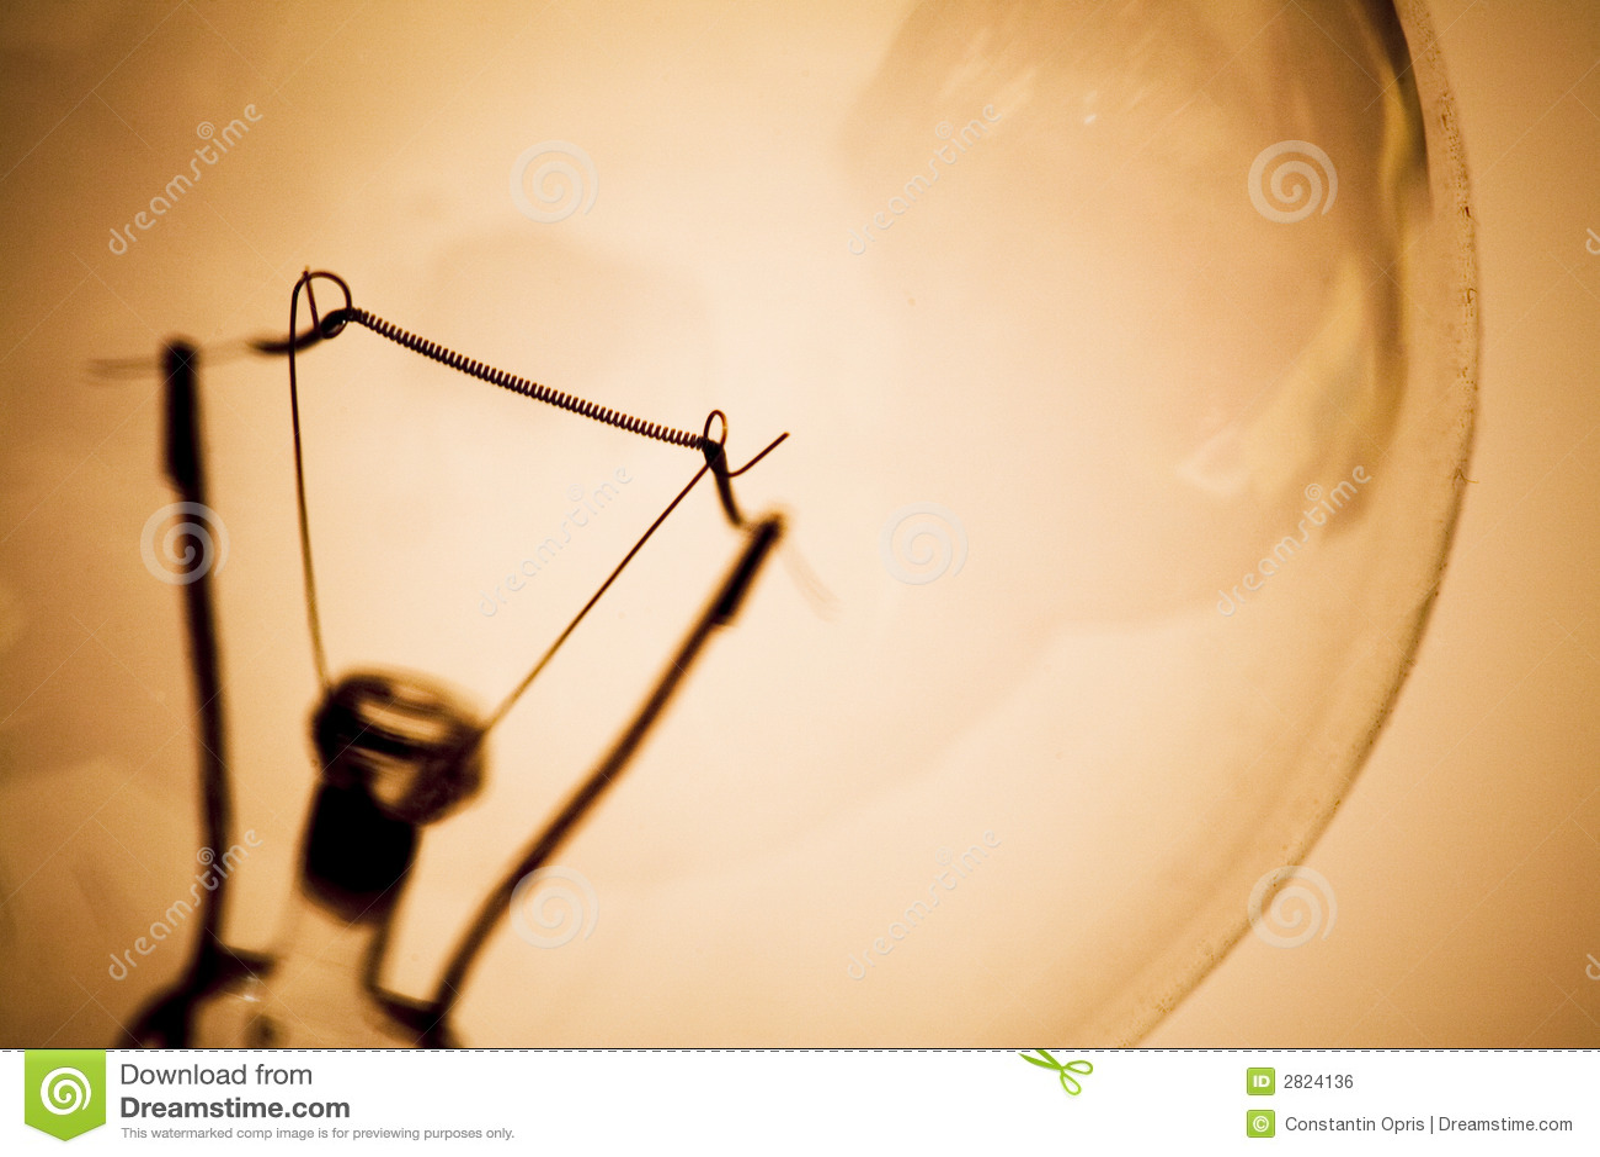 tungsteno lampadina : Colpo a macroistruzione del primo piano di una lampadina del tungsteno ...